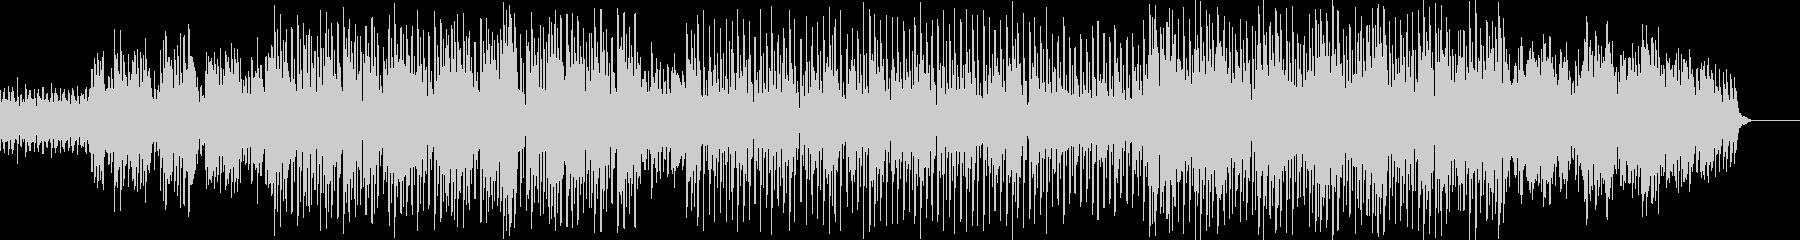 電子音、ゲームBGMっぽい曲。の未再生の波形